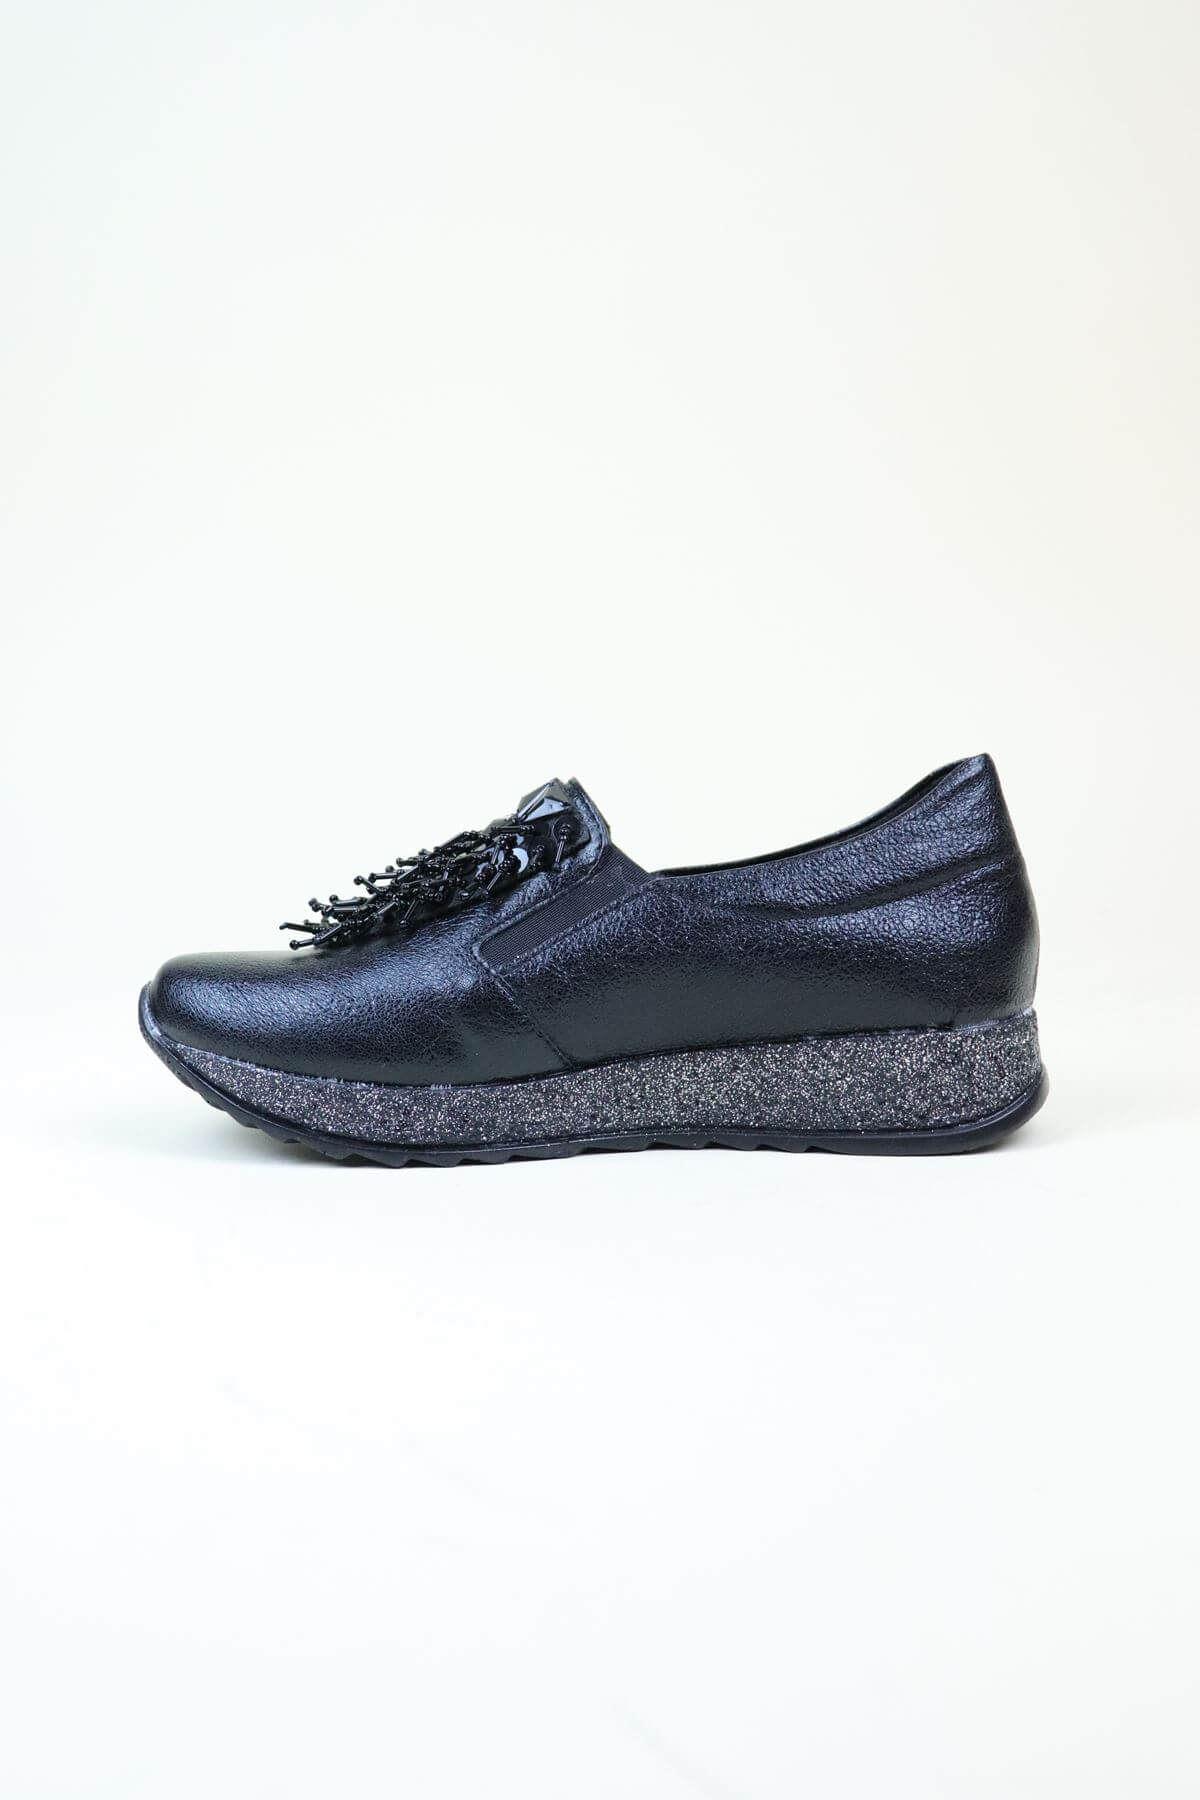 Trend Ayakkabı 0129 Püsküllü  Siyah Kadın Ayakkabı